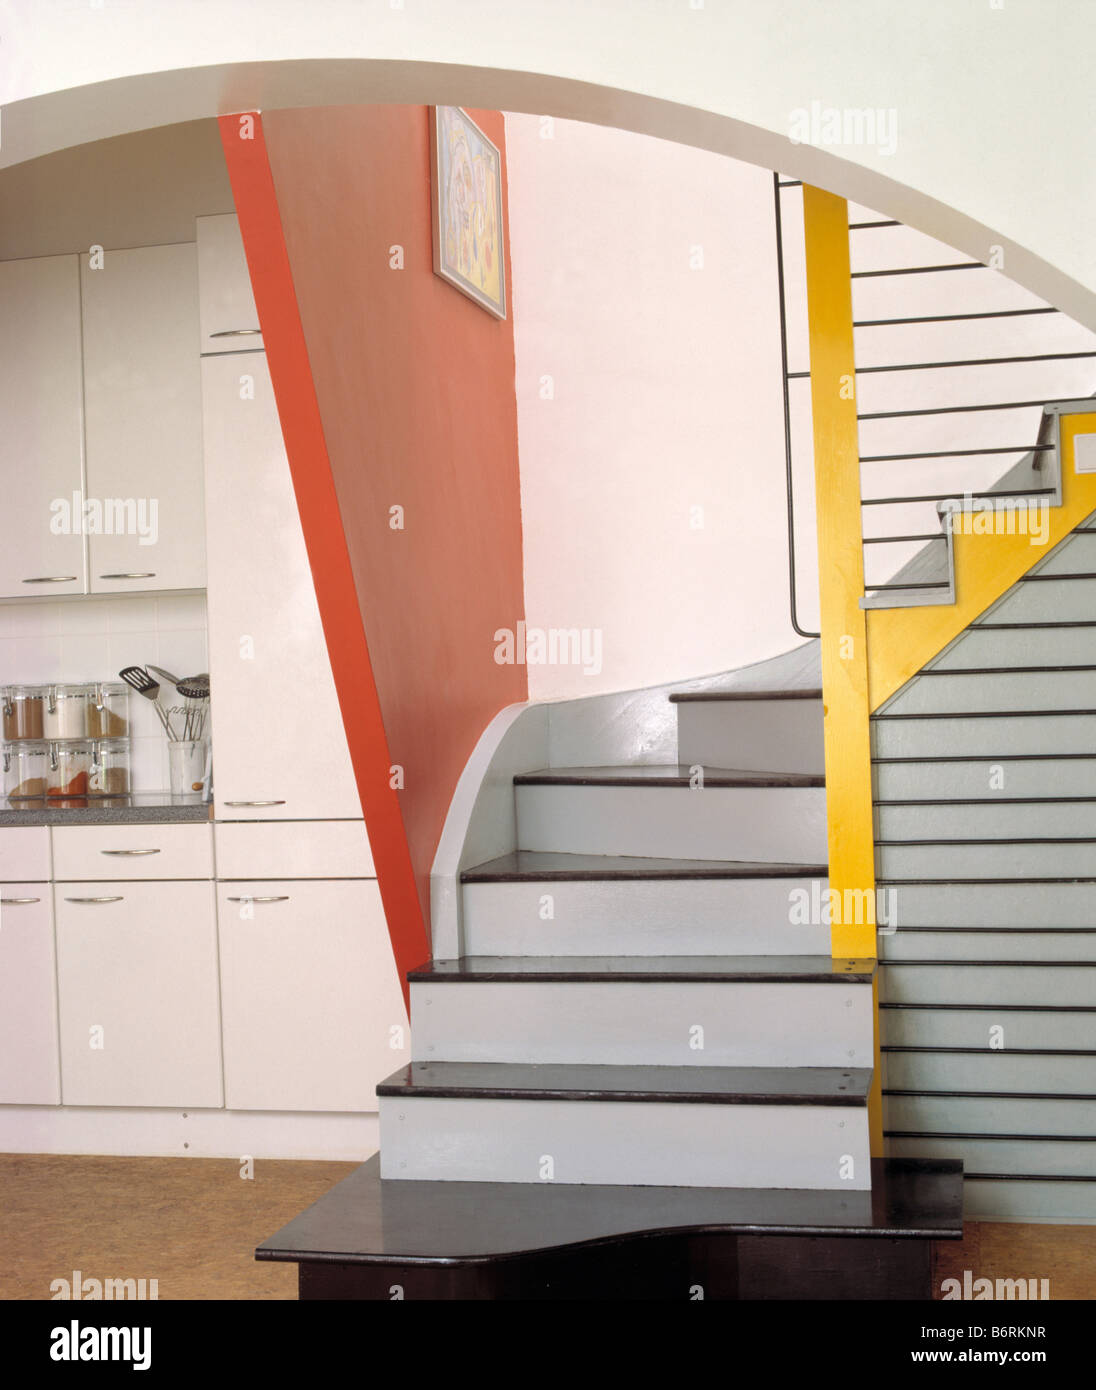 Graue Treppe Mit Gelben Geländer Und Rote Wand Aus Weißen Küche